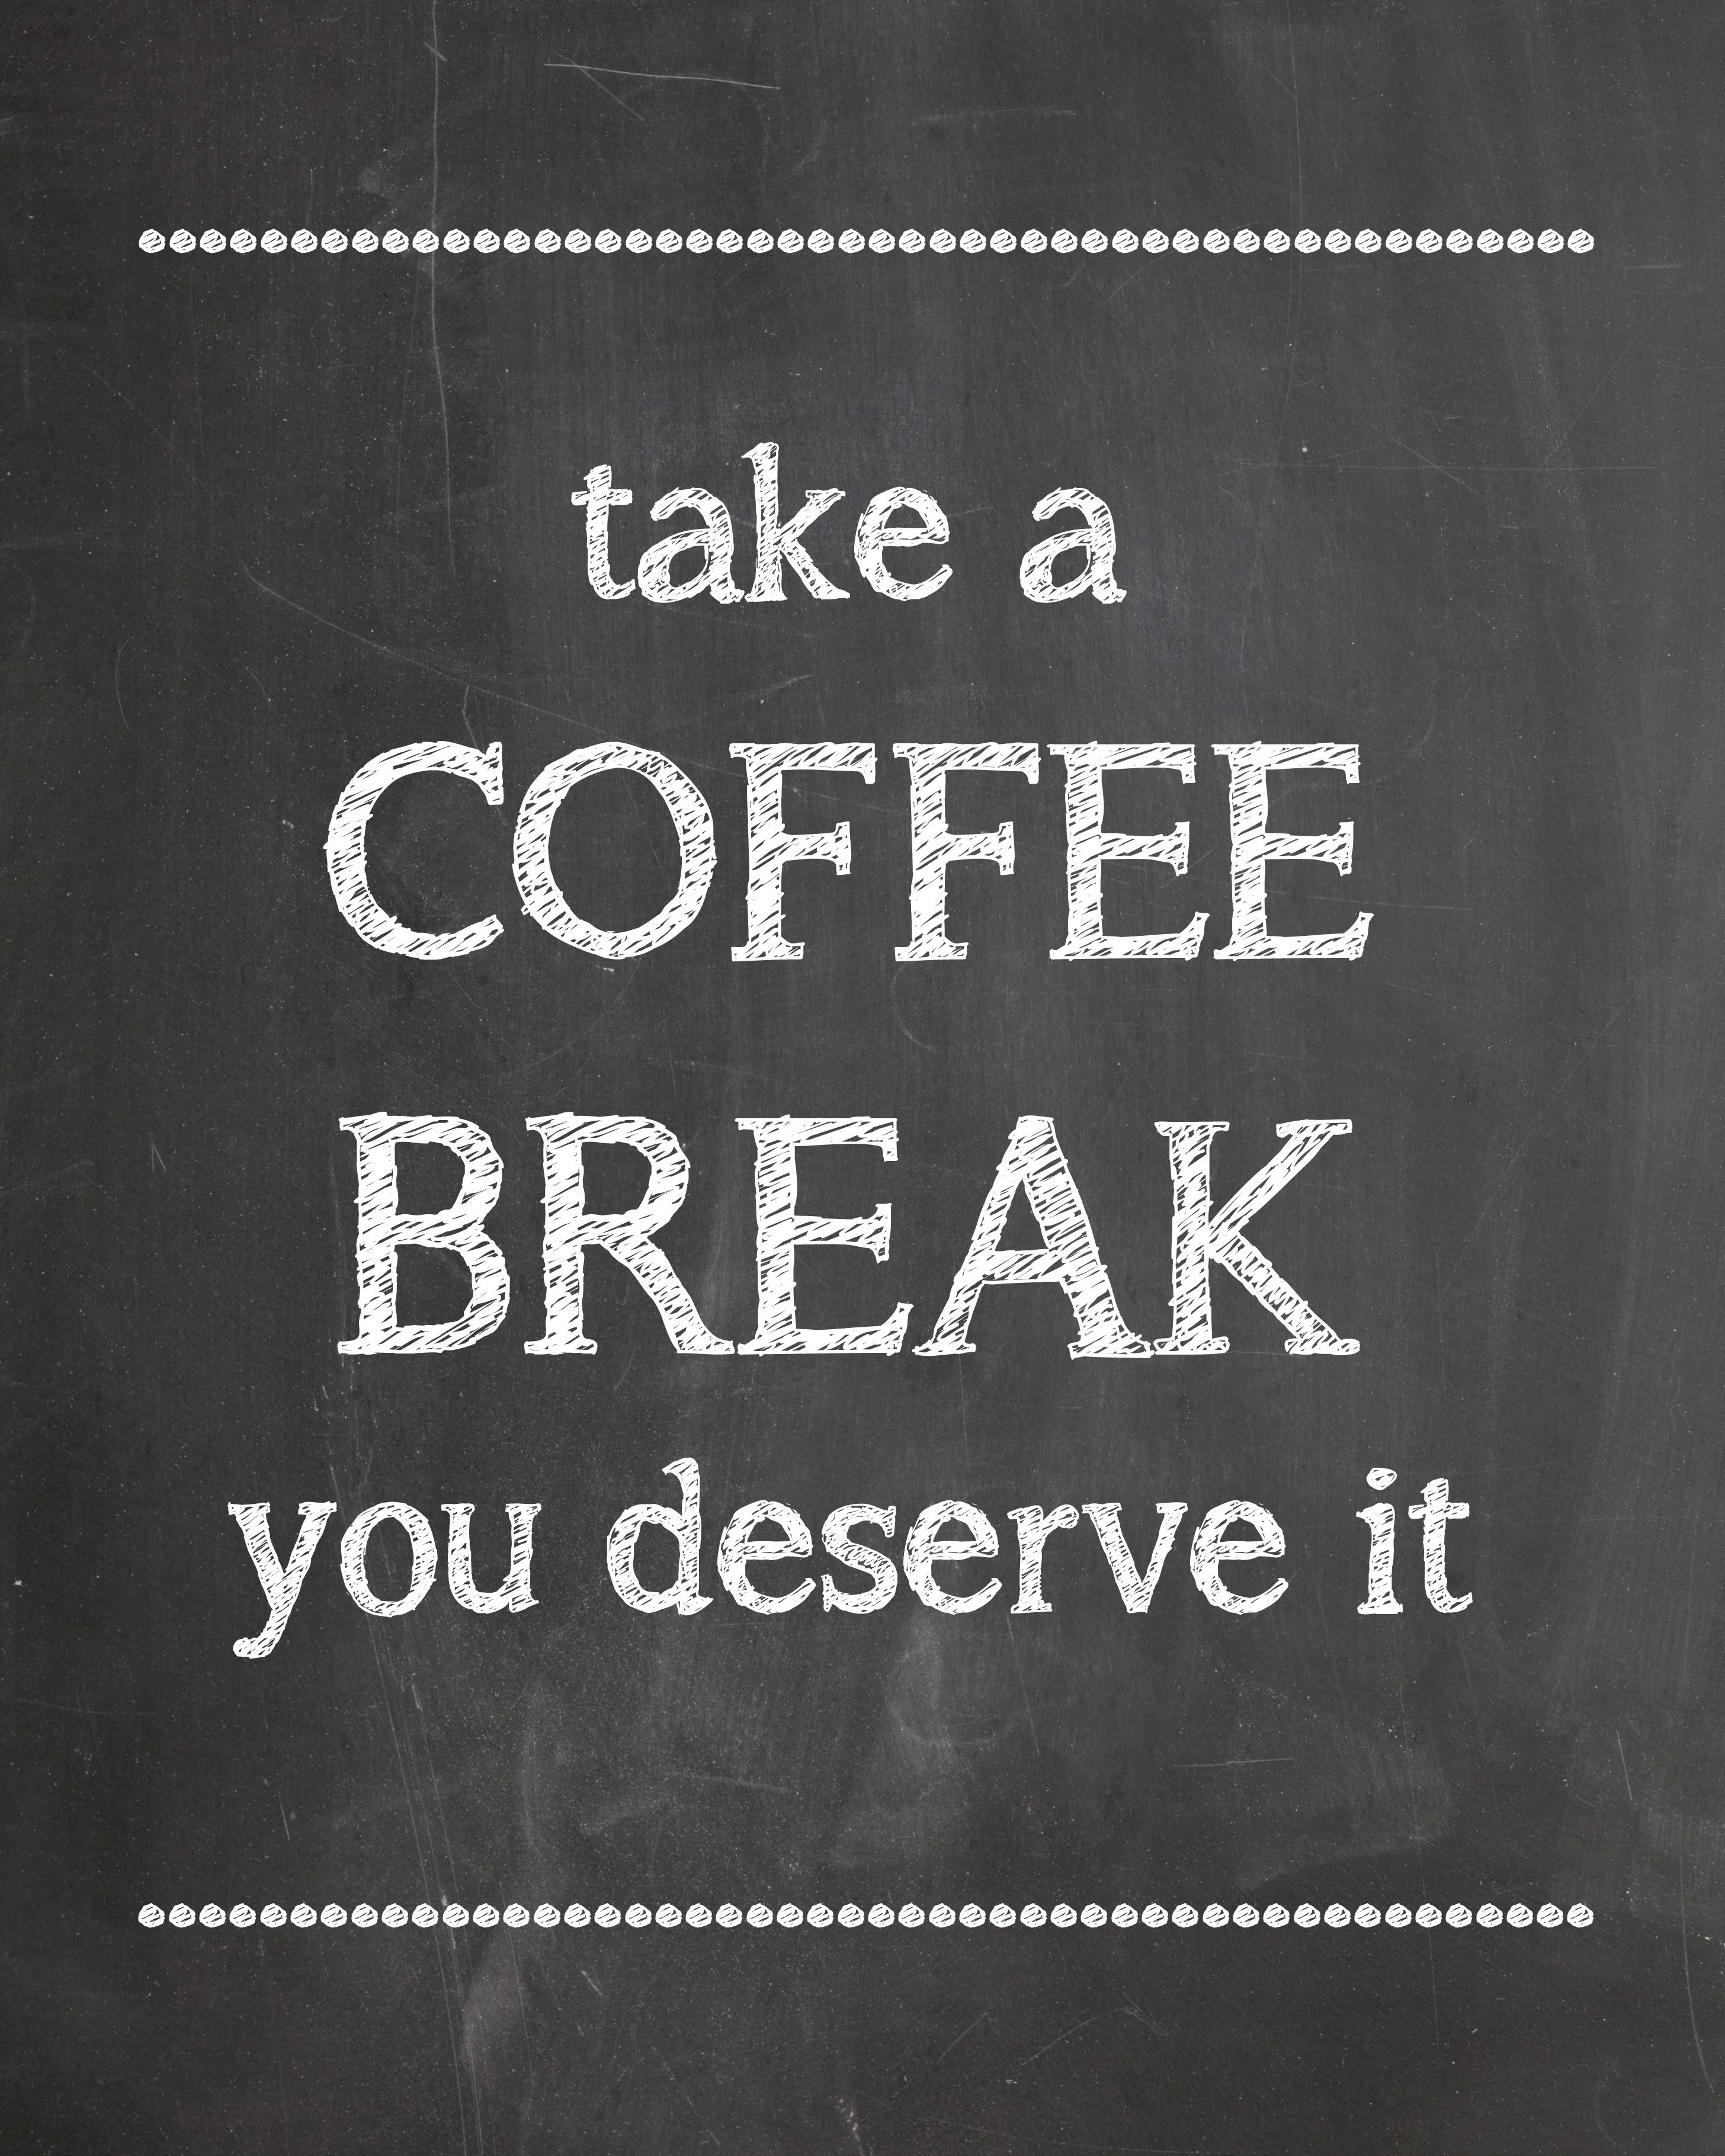 Coffee Break Time - Printable - #KraftMeACoffee